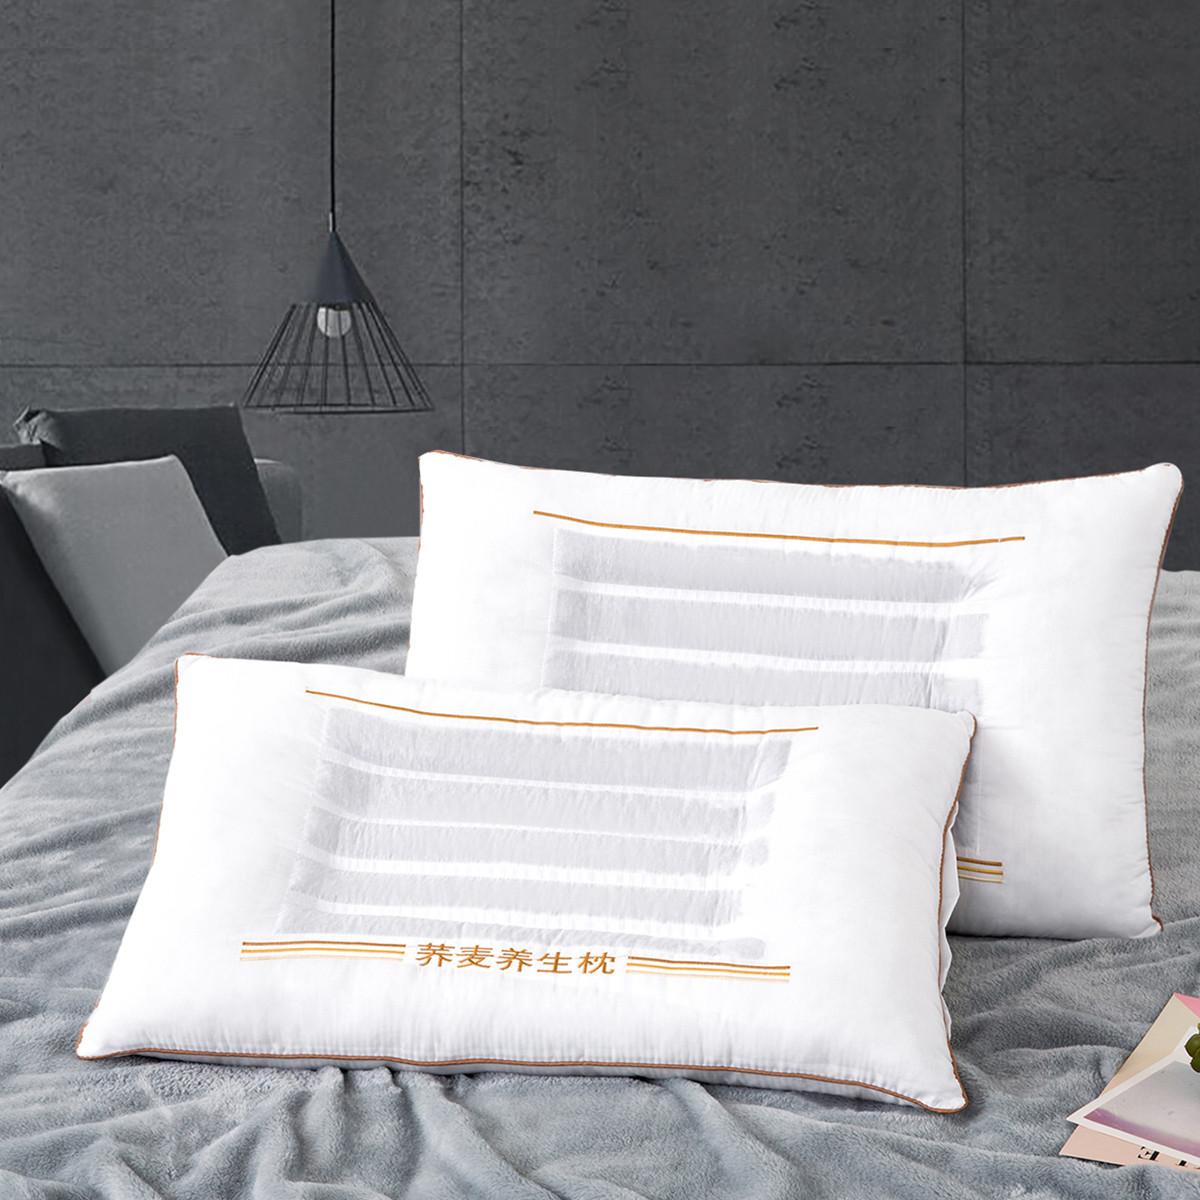 Ramada【年底清仓】护颈椎枕头一对拍2决明子枕头芯枕芯枕头低枕头COLOR白色(清新款)